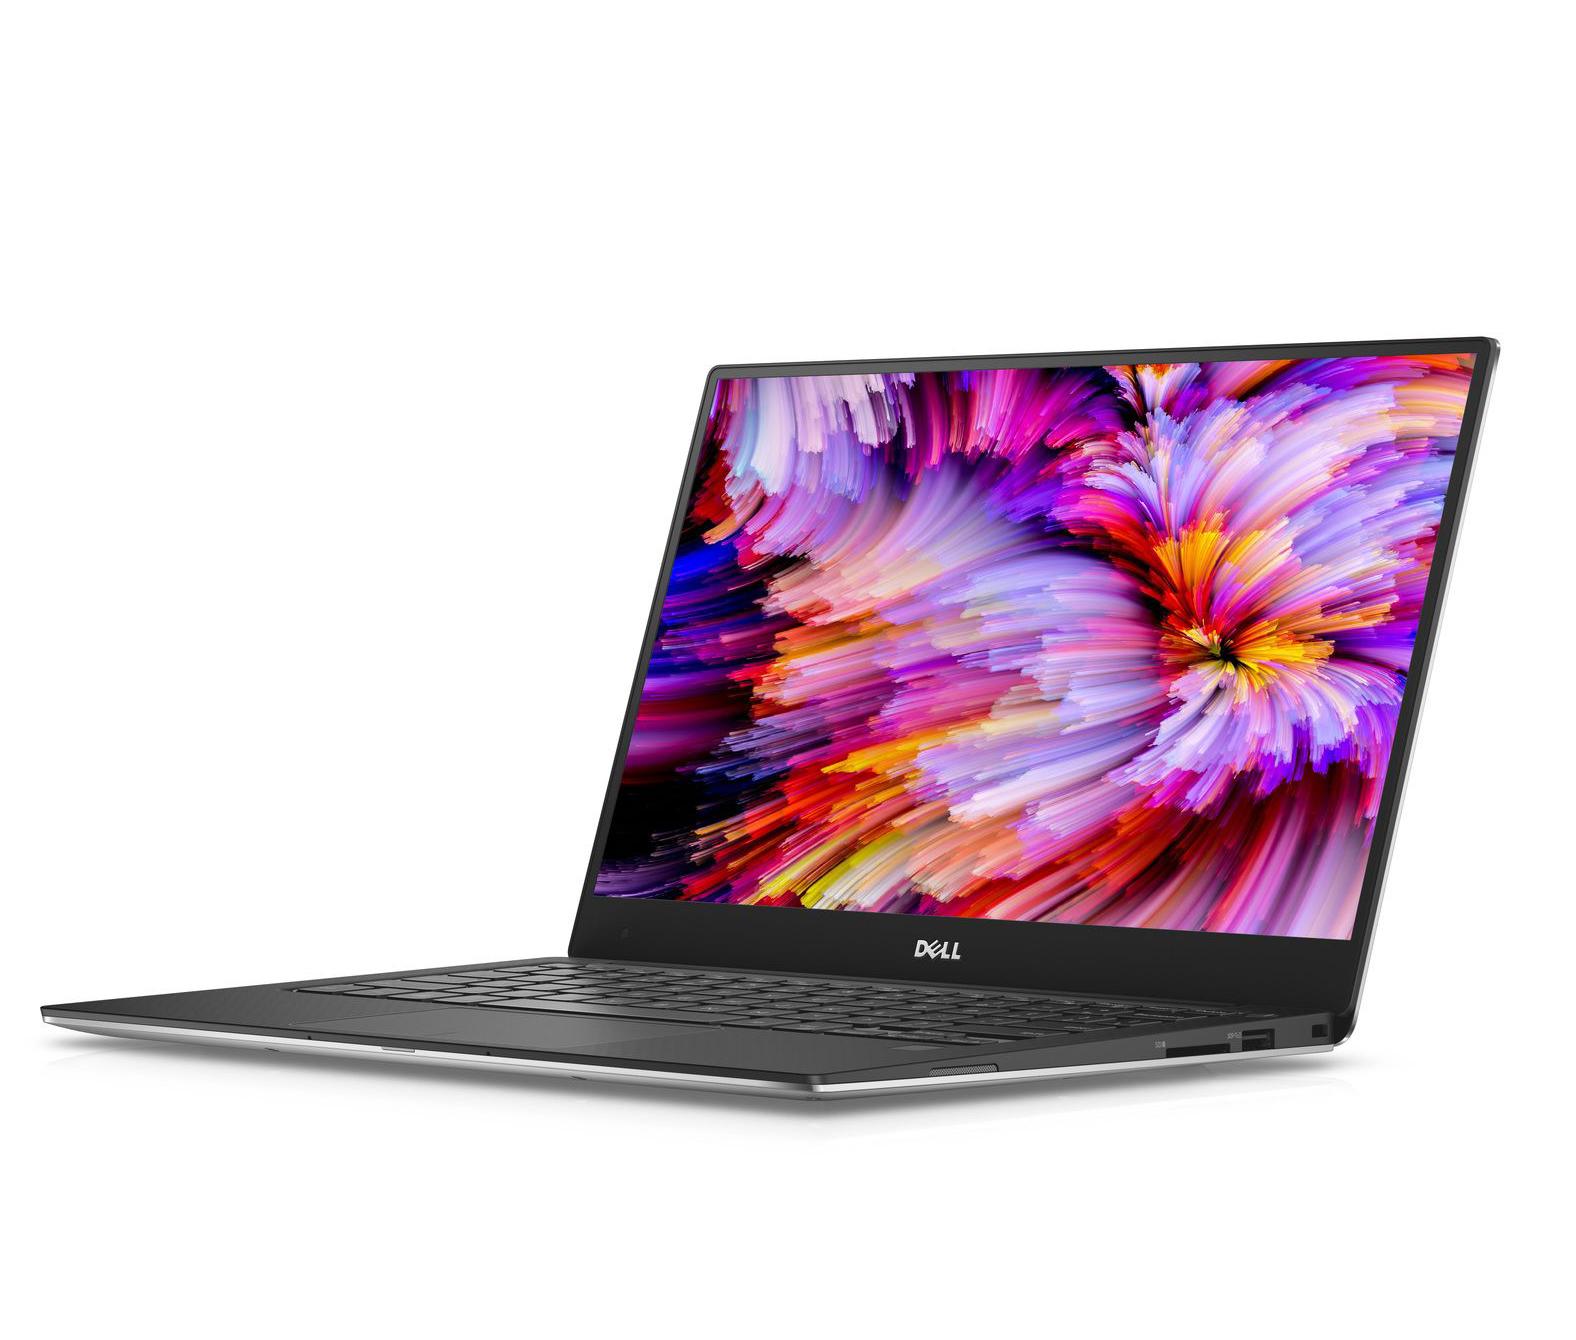 Dell XPS 13 9350 i5 - 6200U